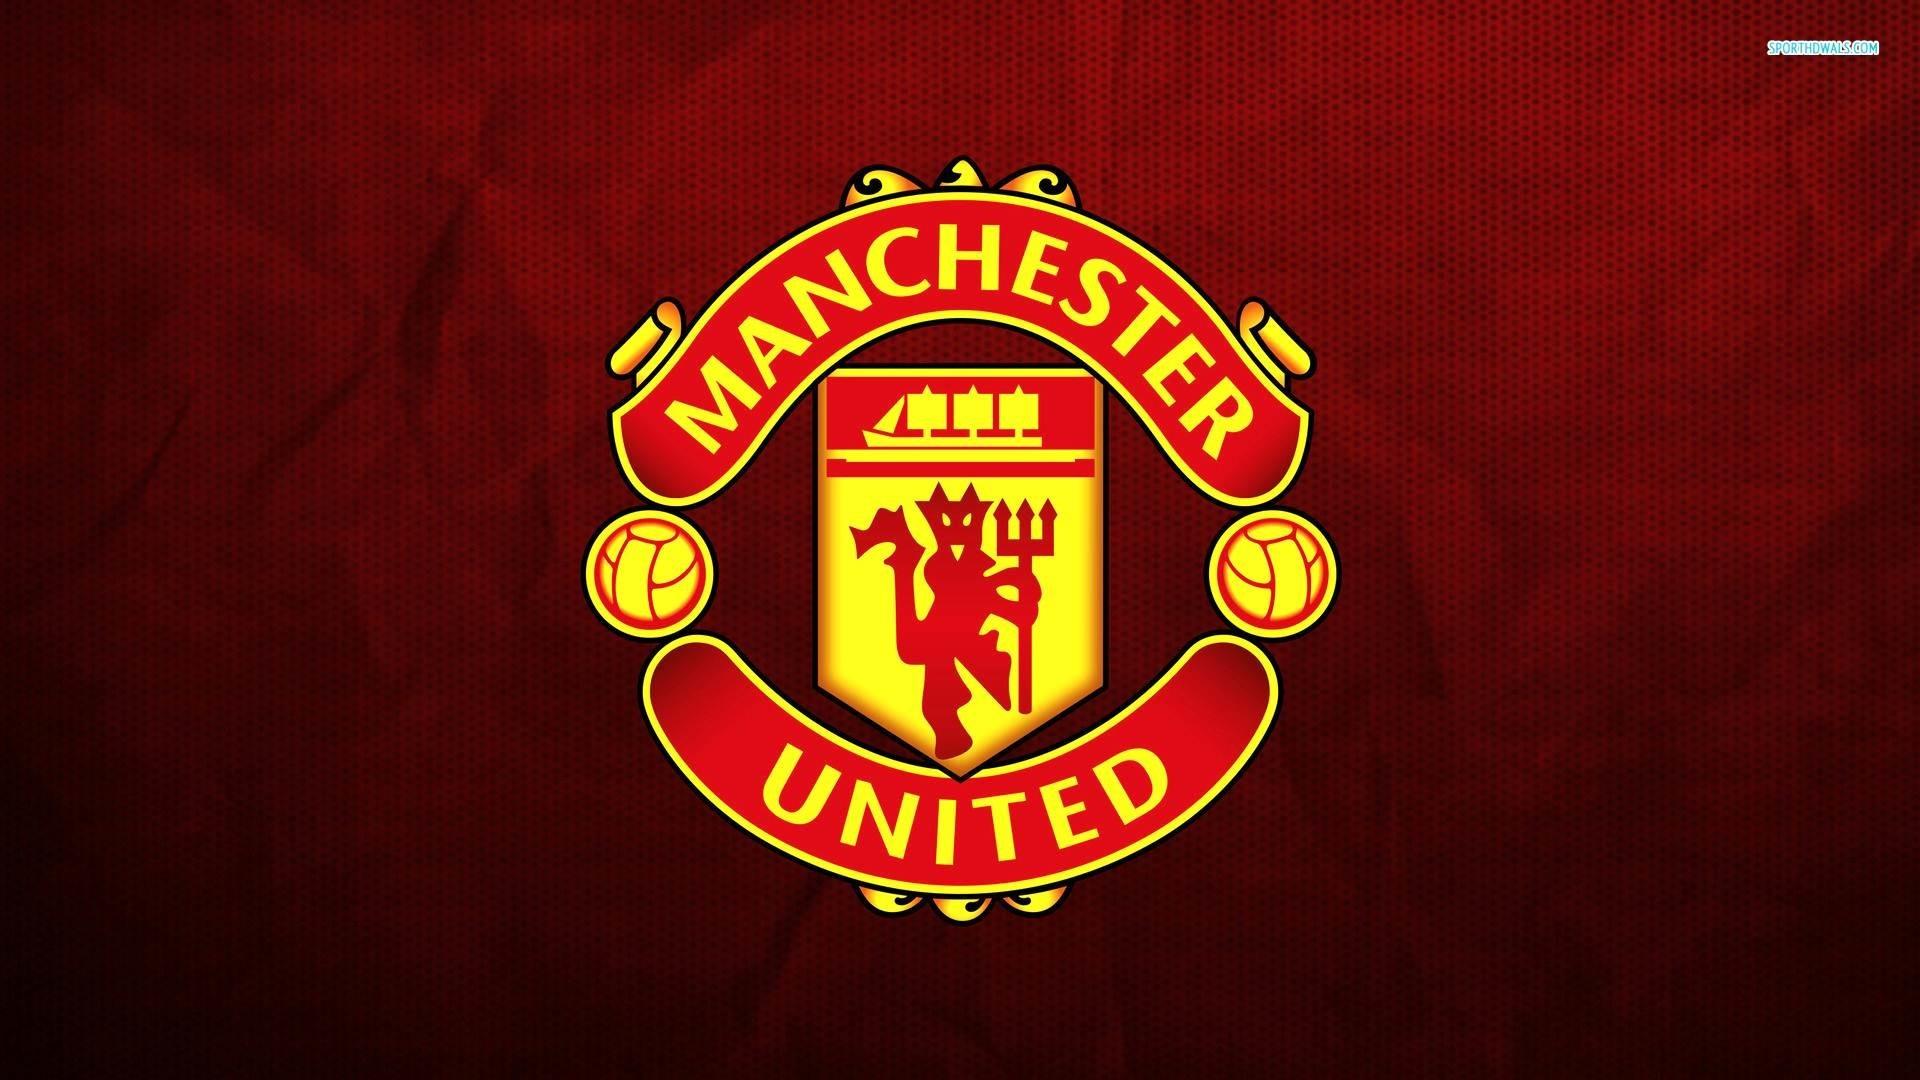 Hình nền Manchester United full HD